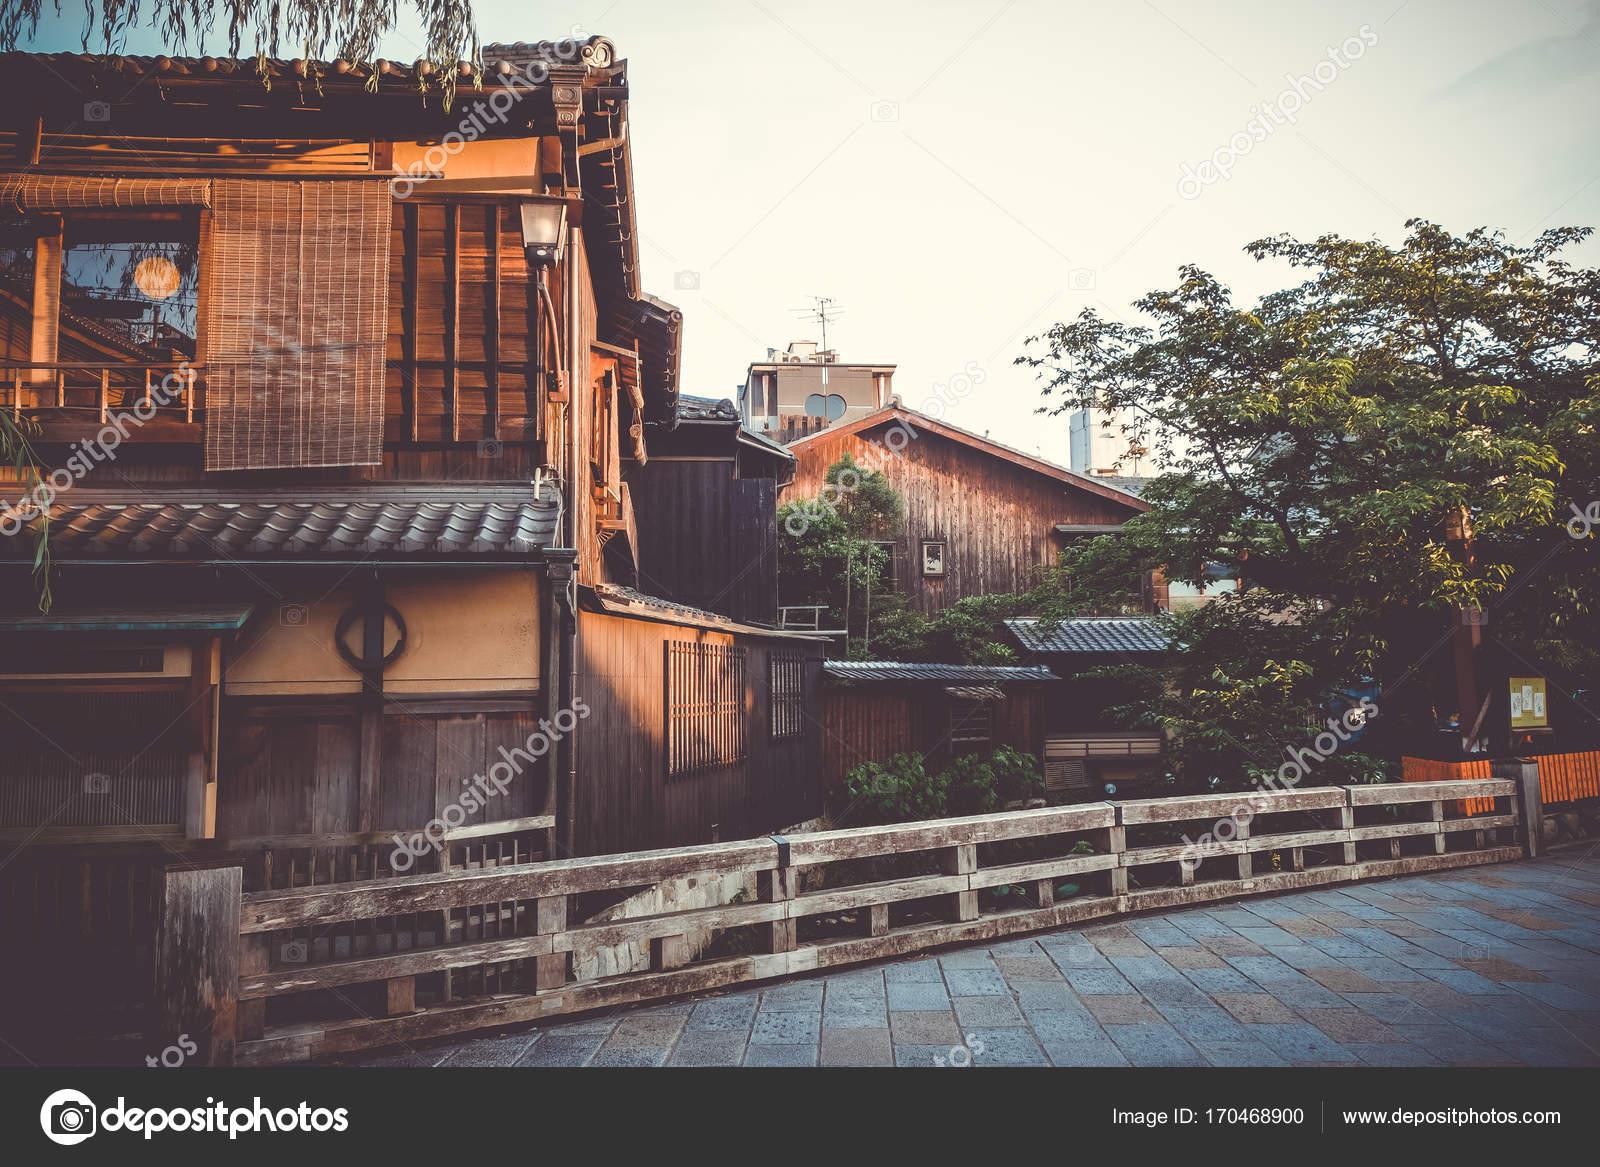 Japanische Häuser traditionelle japanische häuser am fluss shirakawa gion bezirk k